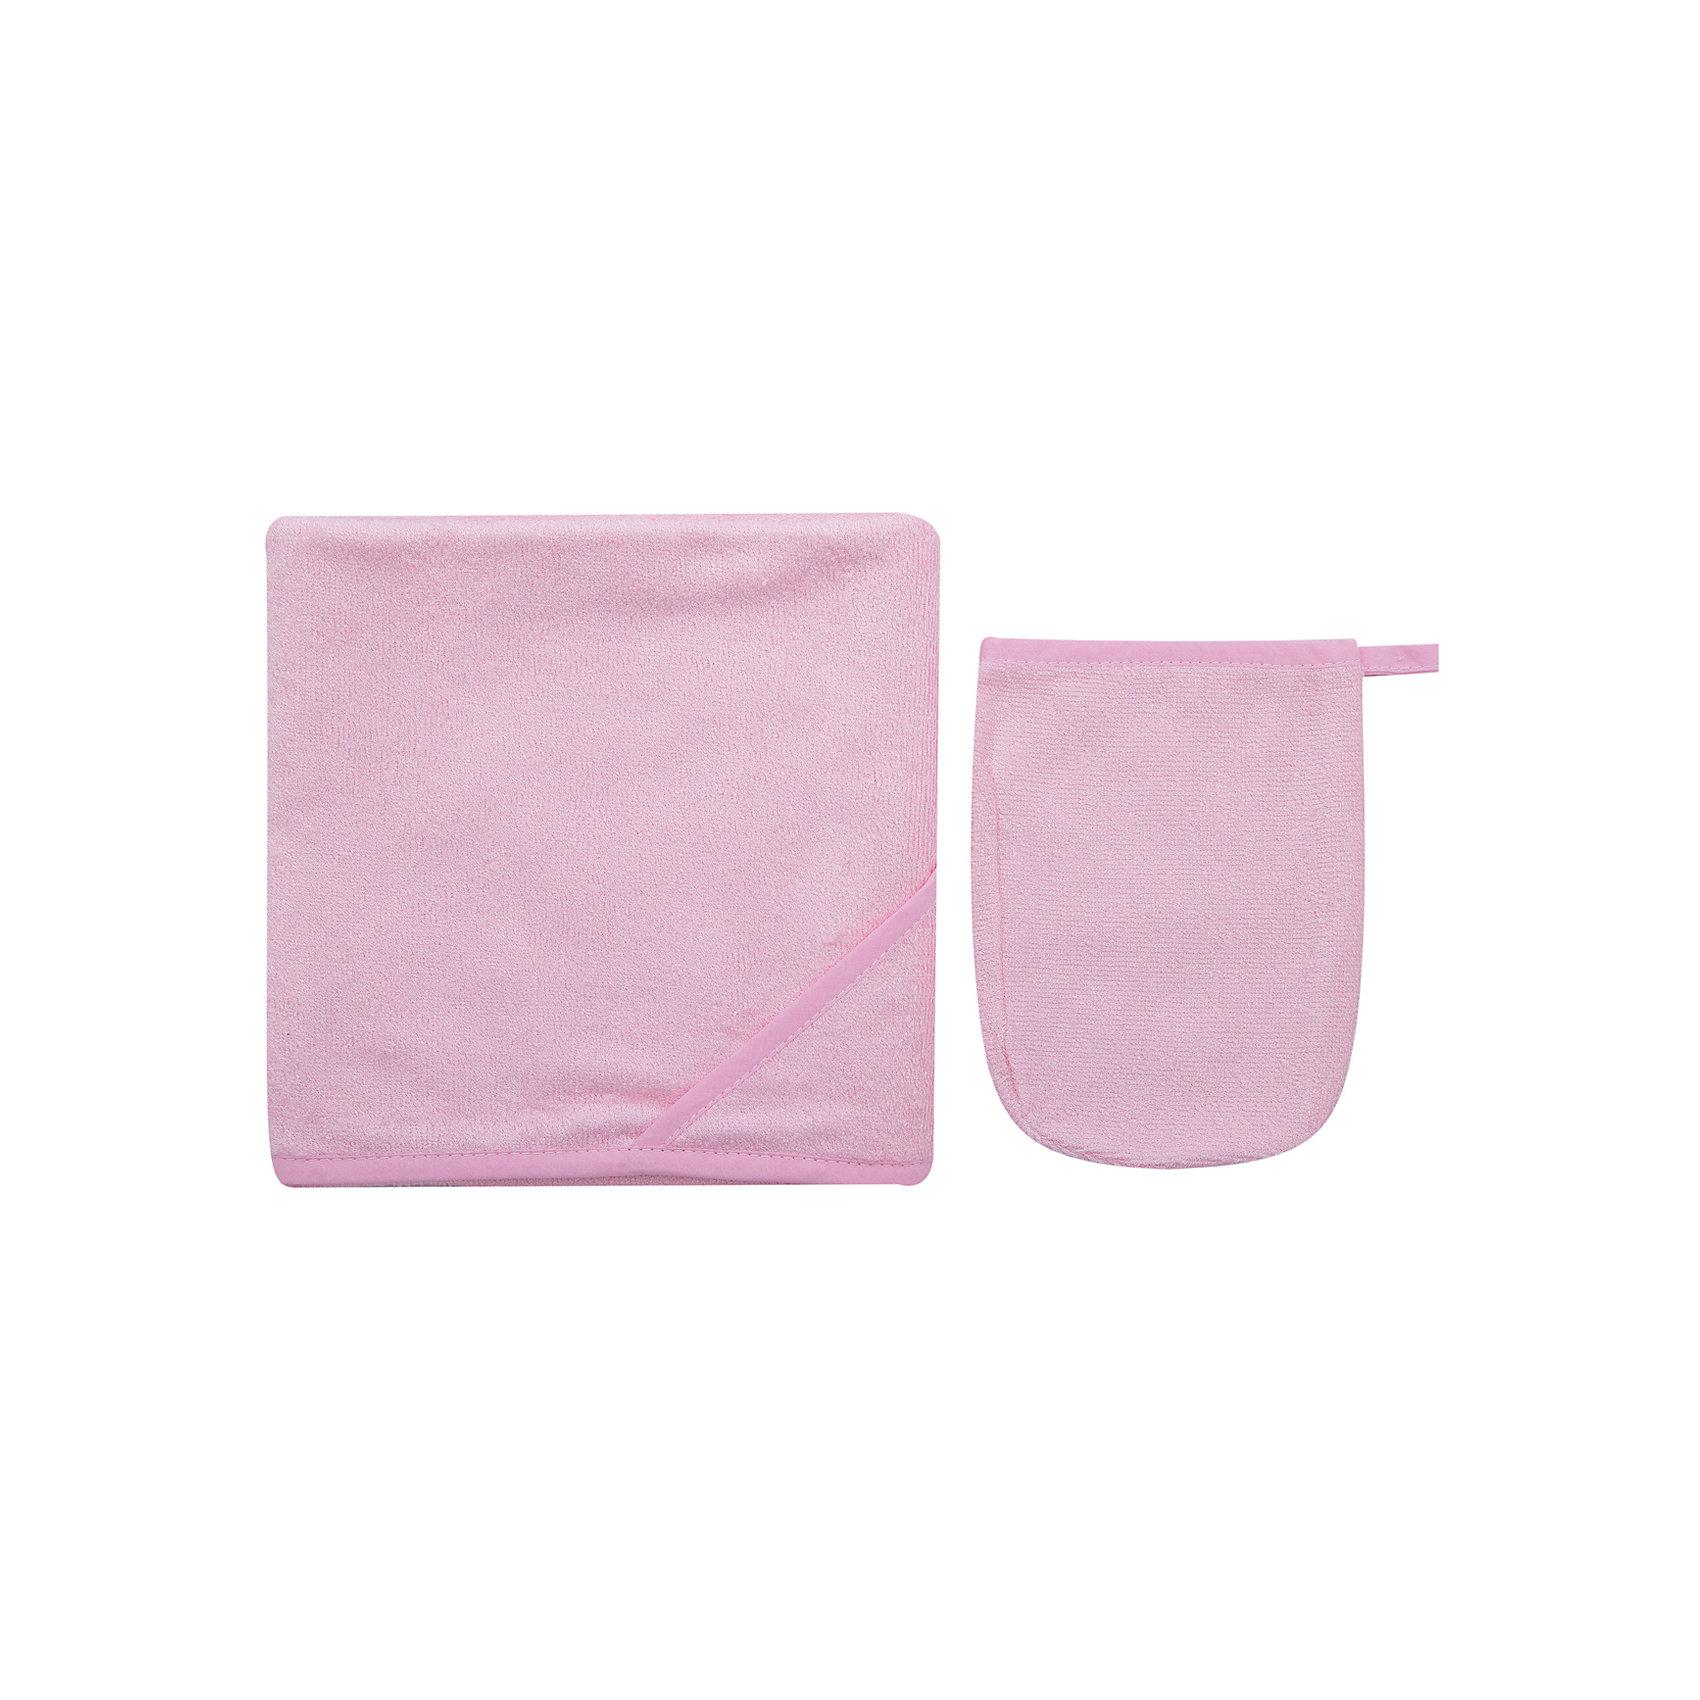 Махровое полотенце 100/100, Italbaby, розовыйКрасивое махровое полотенце в розовом цвете для Вашего ребенка!<br>Полотенце сделано с уголком, который после купания можно накинуть на голову малыша.<br>В наборе: махровое полотенце (100х100 см.) и варежка из 100% натурального бамбукового волокна.<br><br>Дополнительная информация:<br><br>- Материал: 100% натуральное бамбуковое махровое волокно.<br>- Габариты: 100х100 см.<br>- Цвет: розовый.<br><br>Купить махровое полотенце Italbaby, можно в нашем магазине.<br><br>Ширина мм: 1000<br>Глубина мм: 1000<br>Высота мм: 10<br>Вес г: 300<br>Возраст от месяцев: 0<br>Возраст до месяцев: 24<br>Пол: Женский<br>Возраст: Детский<br>SKU: 5093574